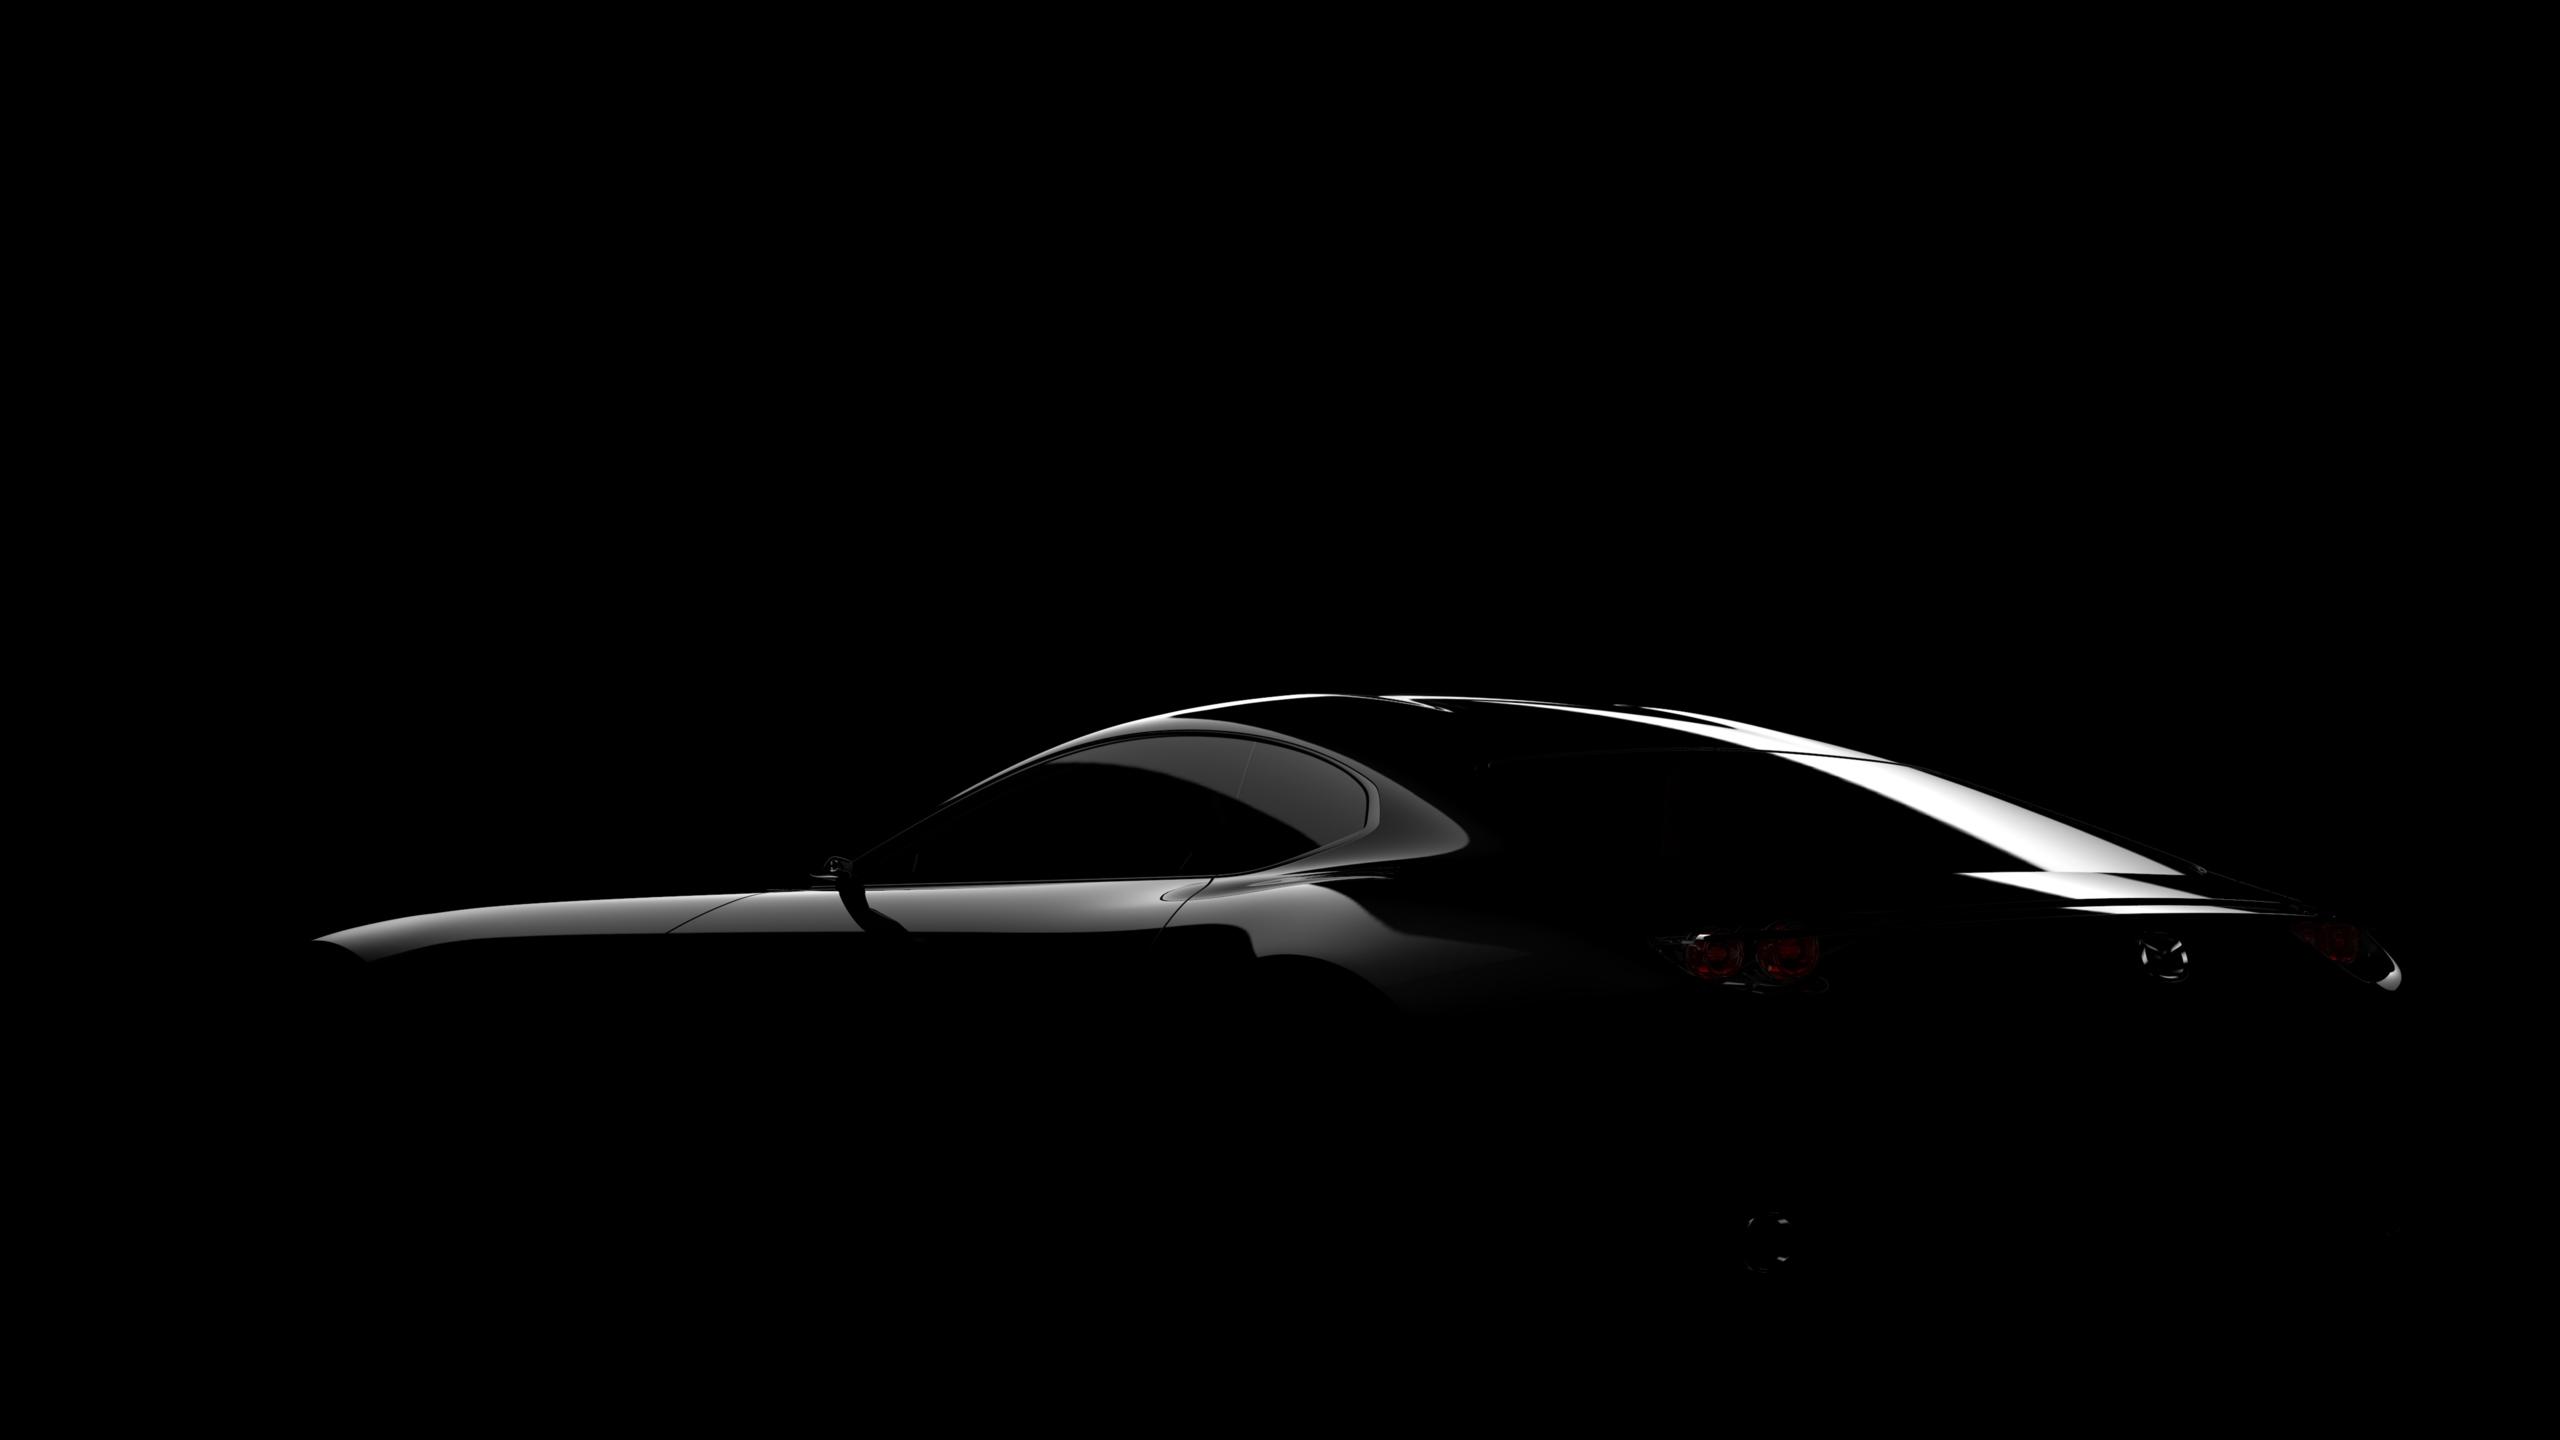 Foto de Concept deportivo Mazda Tokio (1/1)